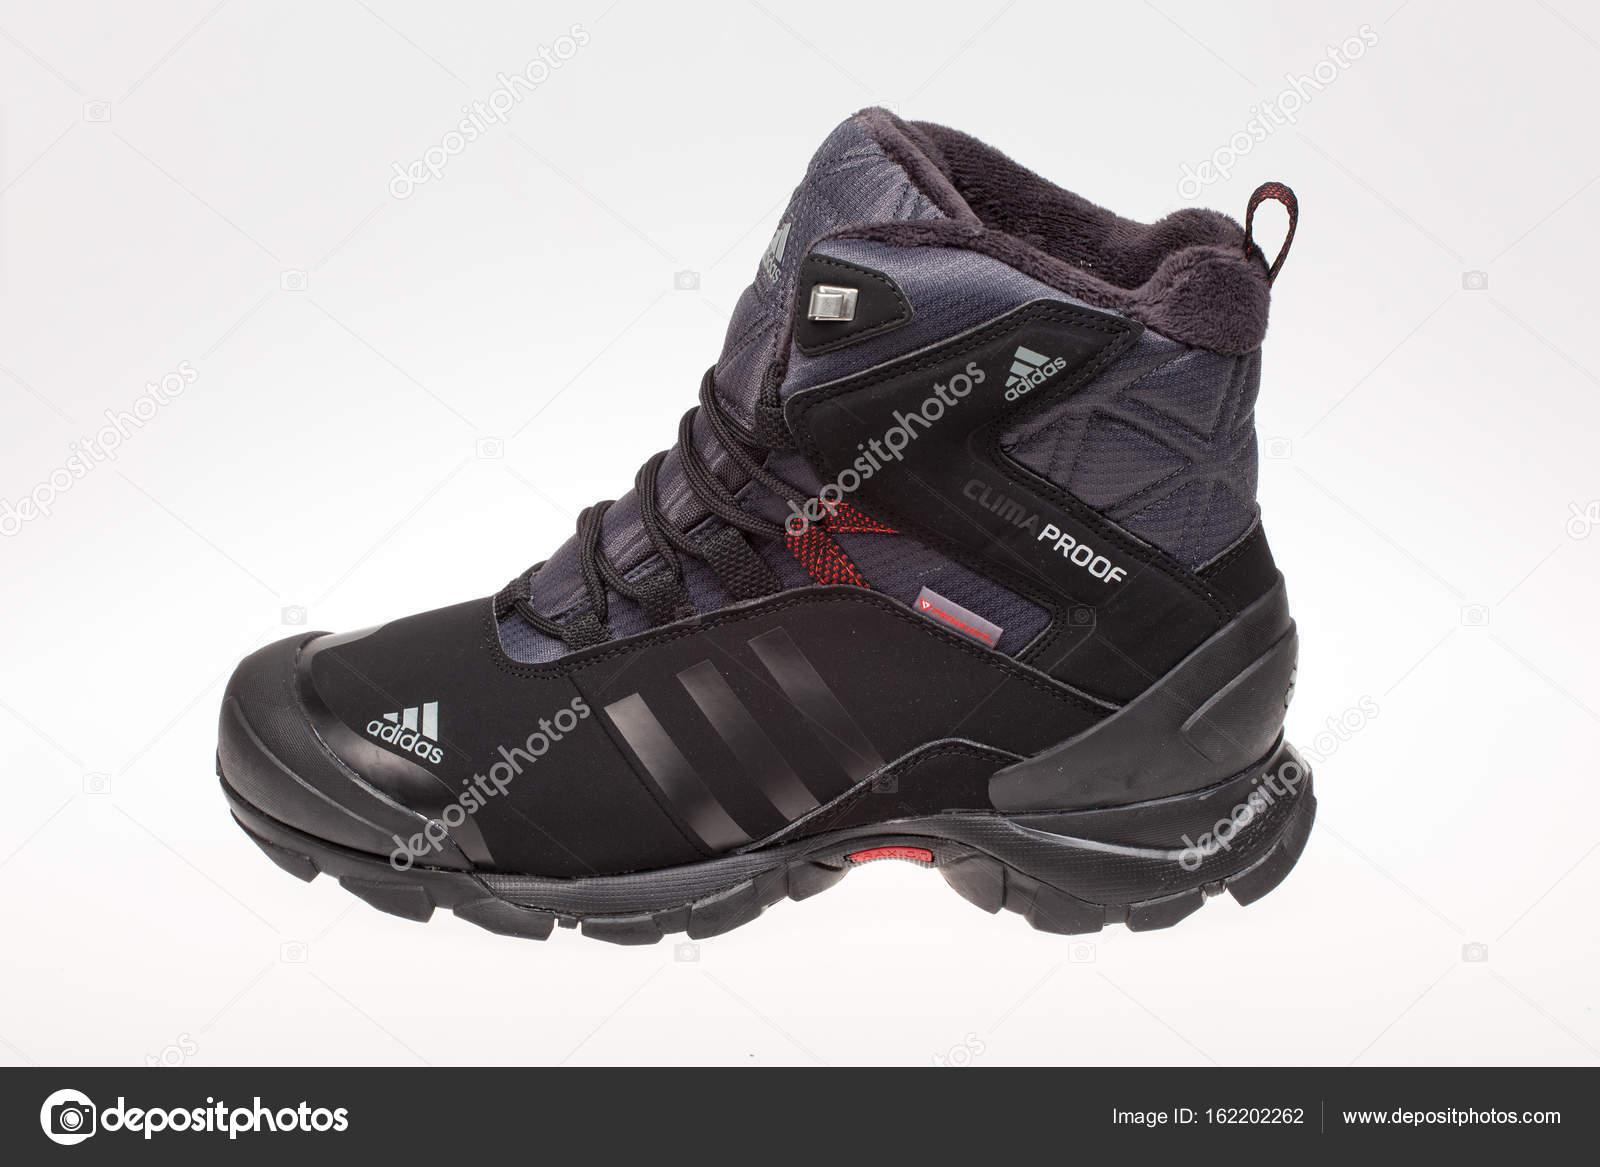 VarnaBulgaria 25 Adidas Invierno Octubre 2016Zapatos De shdxtrQC